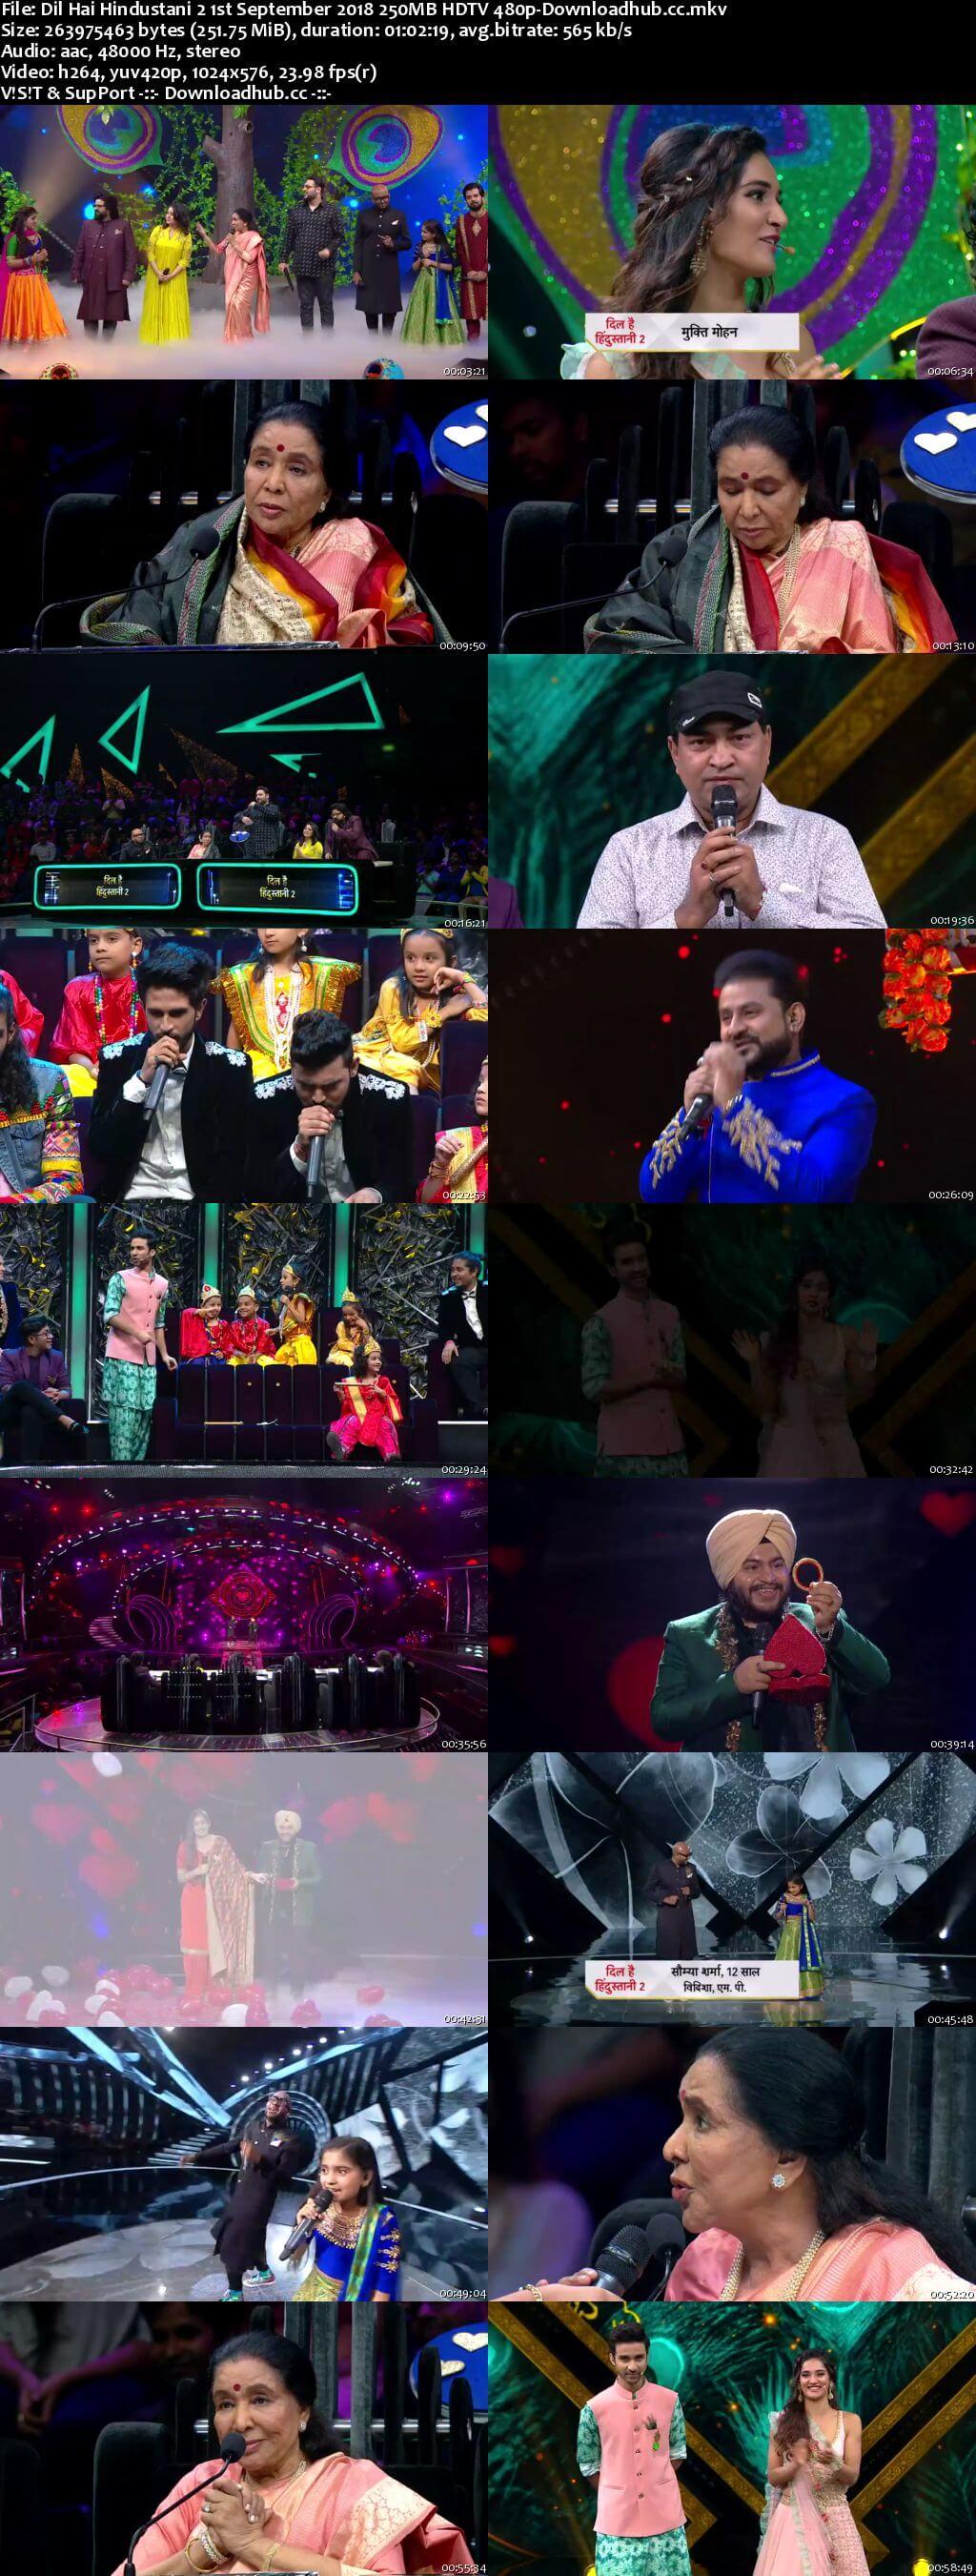 Dil Hai Hindustani 2 01 September 2018 Episode 17 HDTV 480p